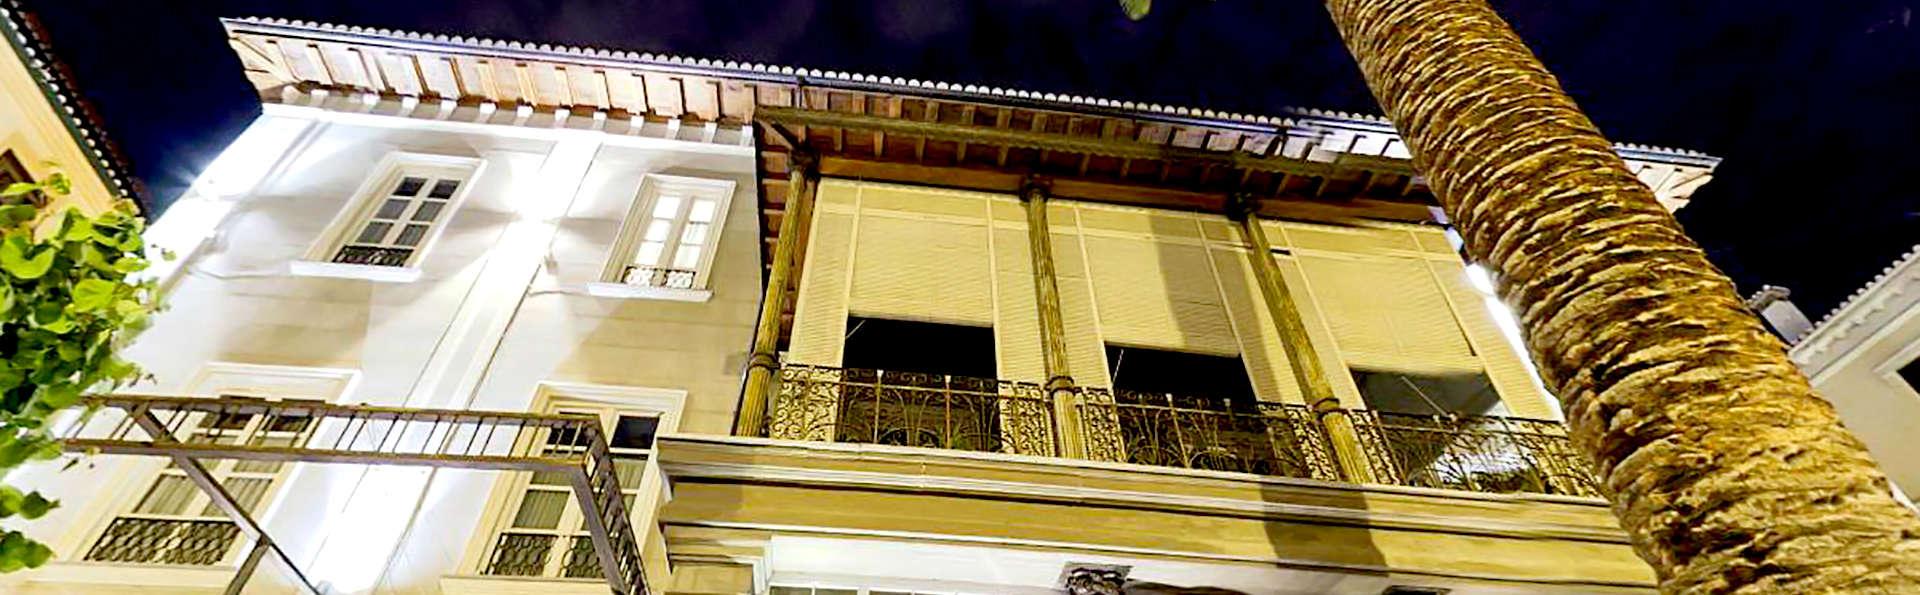 Hotel villa oniria hotel granada - Hotel villa oniria en granada ...